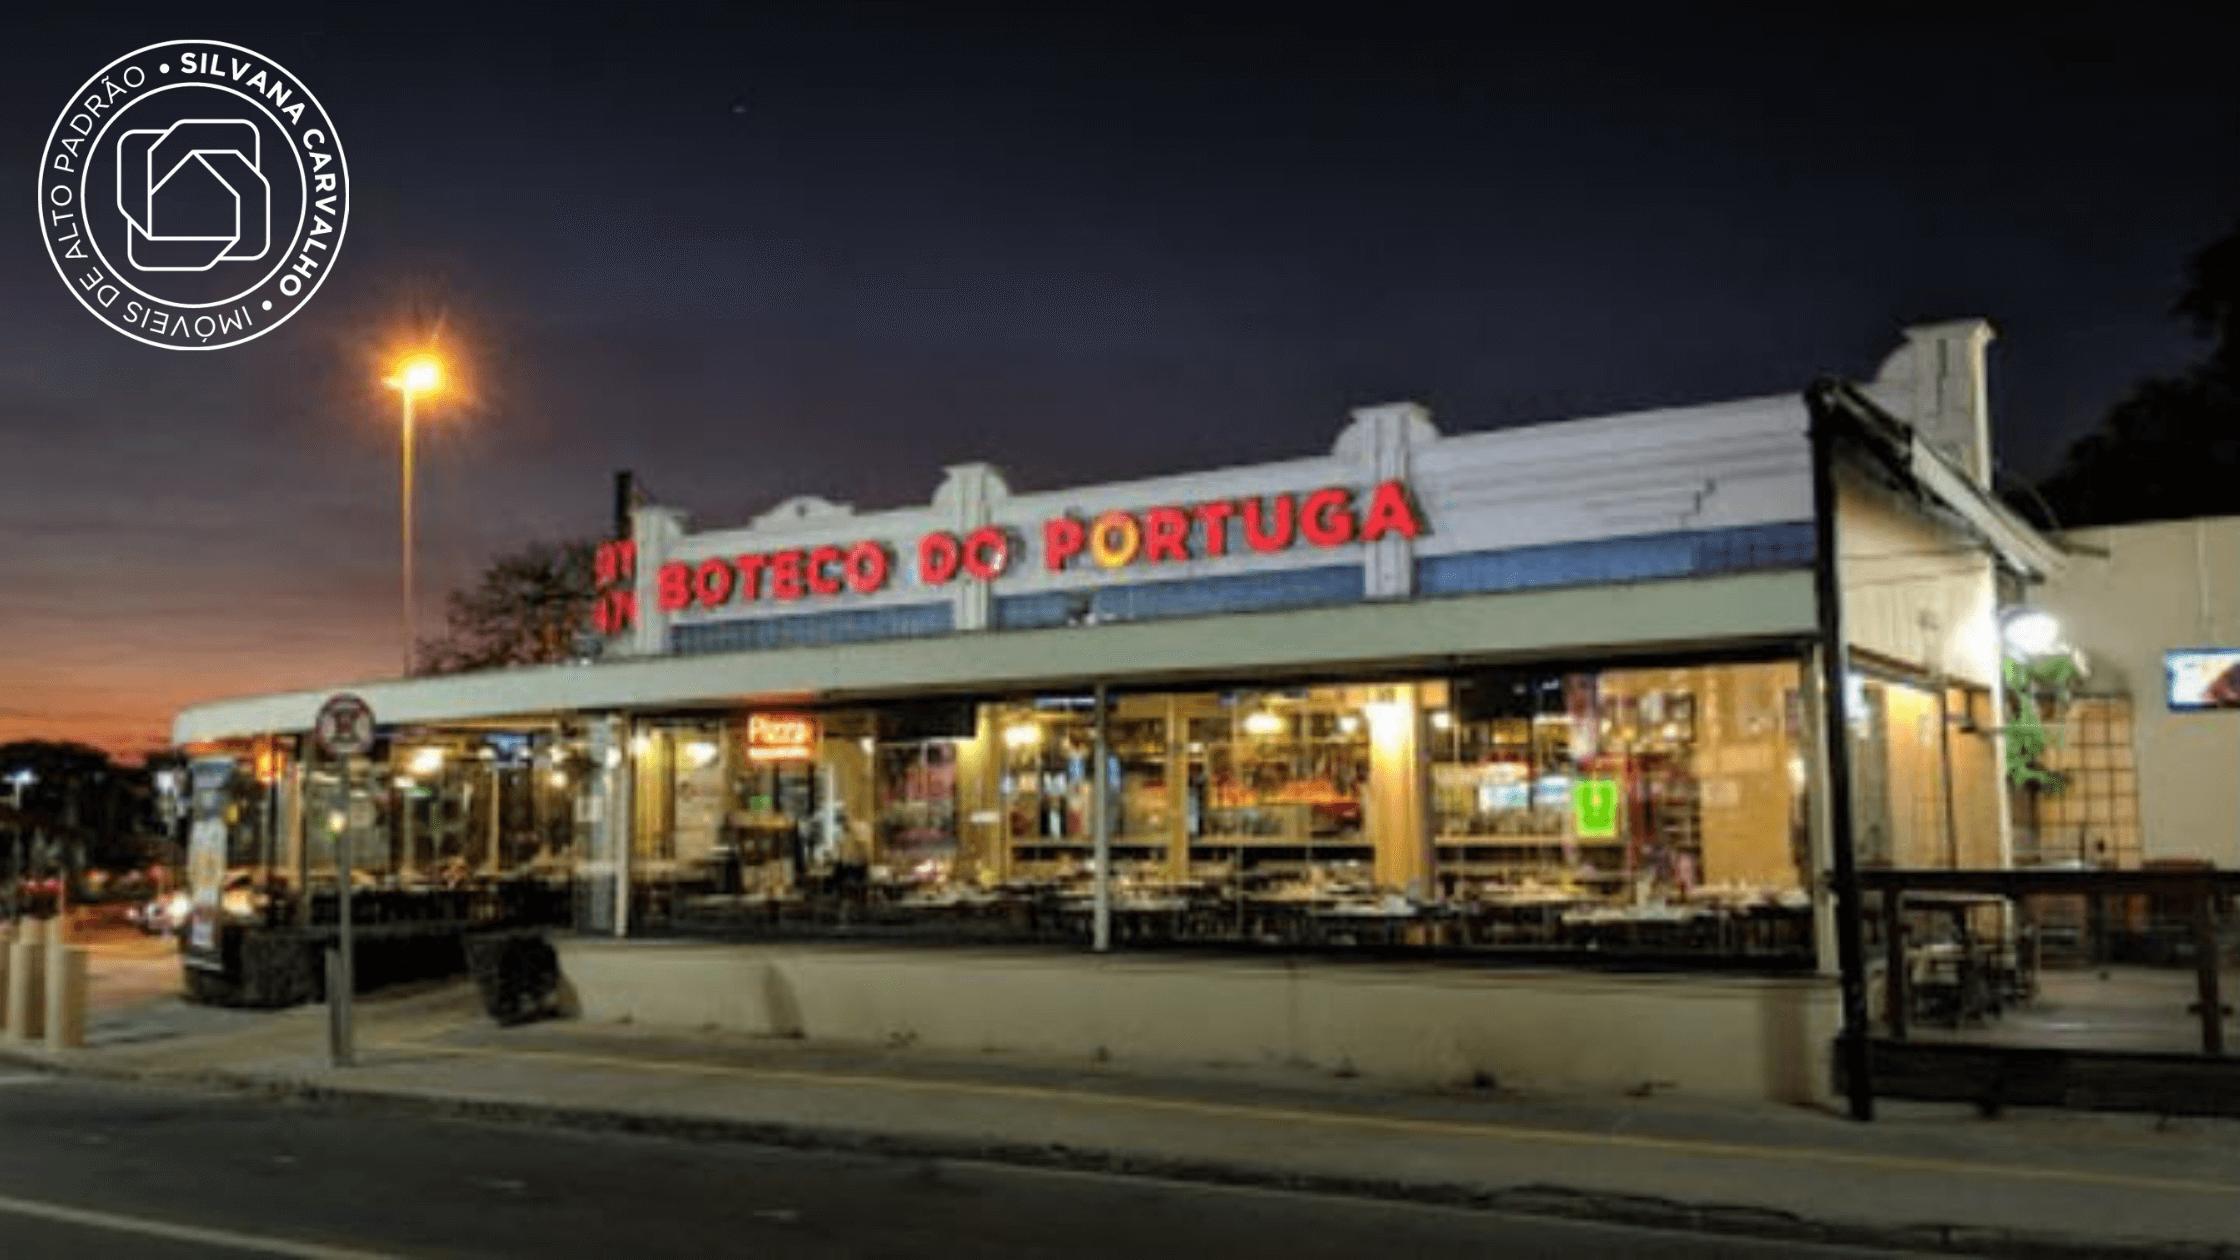 Restaurante Boteco do Portuga – (Foto: Google Maps)